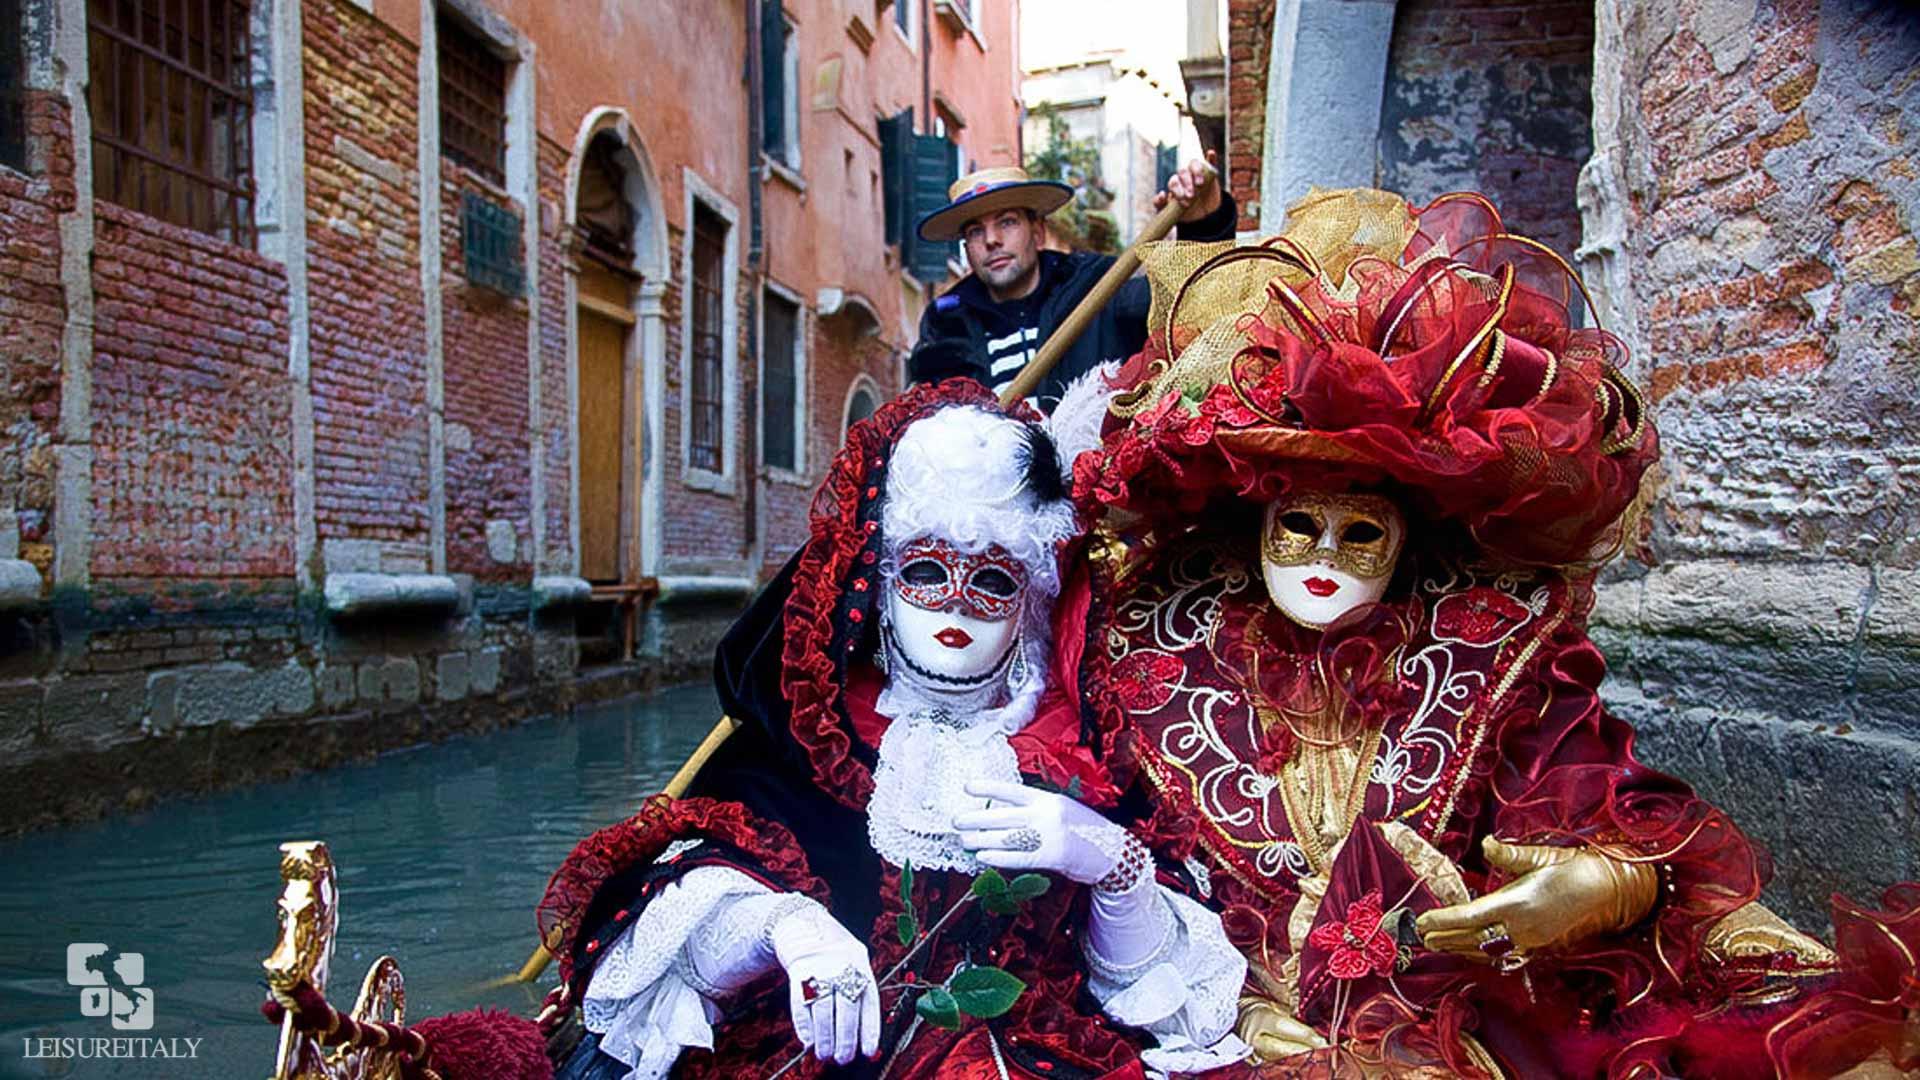 Il mio racconto di una notte di Carnevale a Venezia, dove tutto è permesso e nulla è impossibile